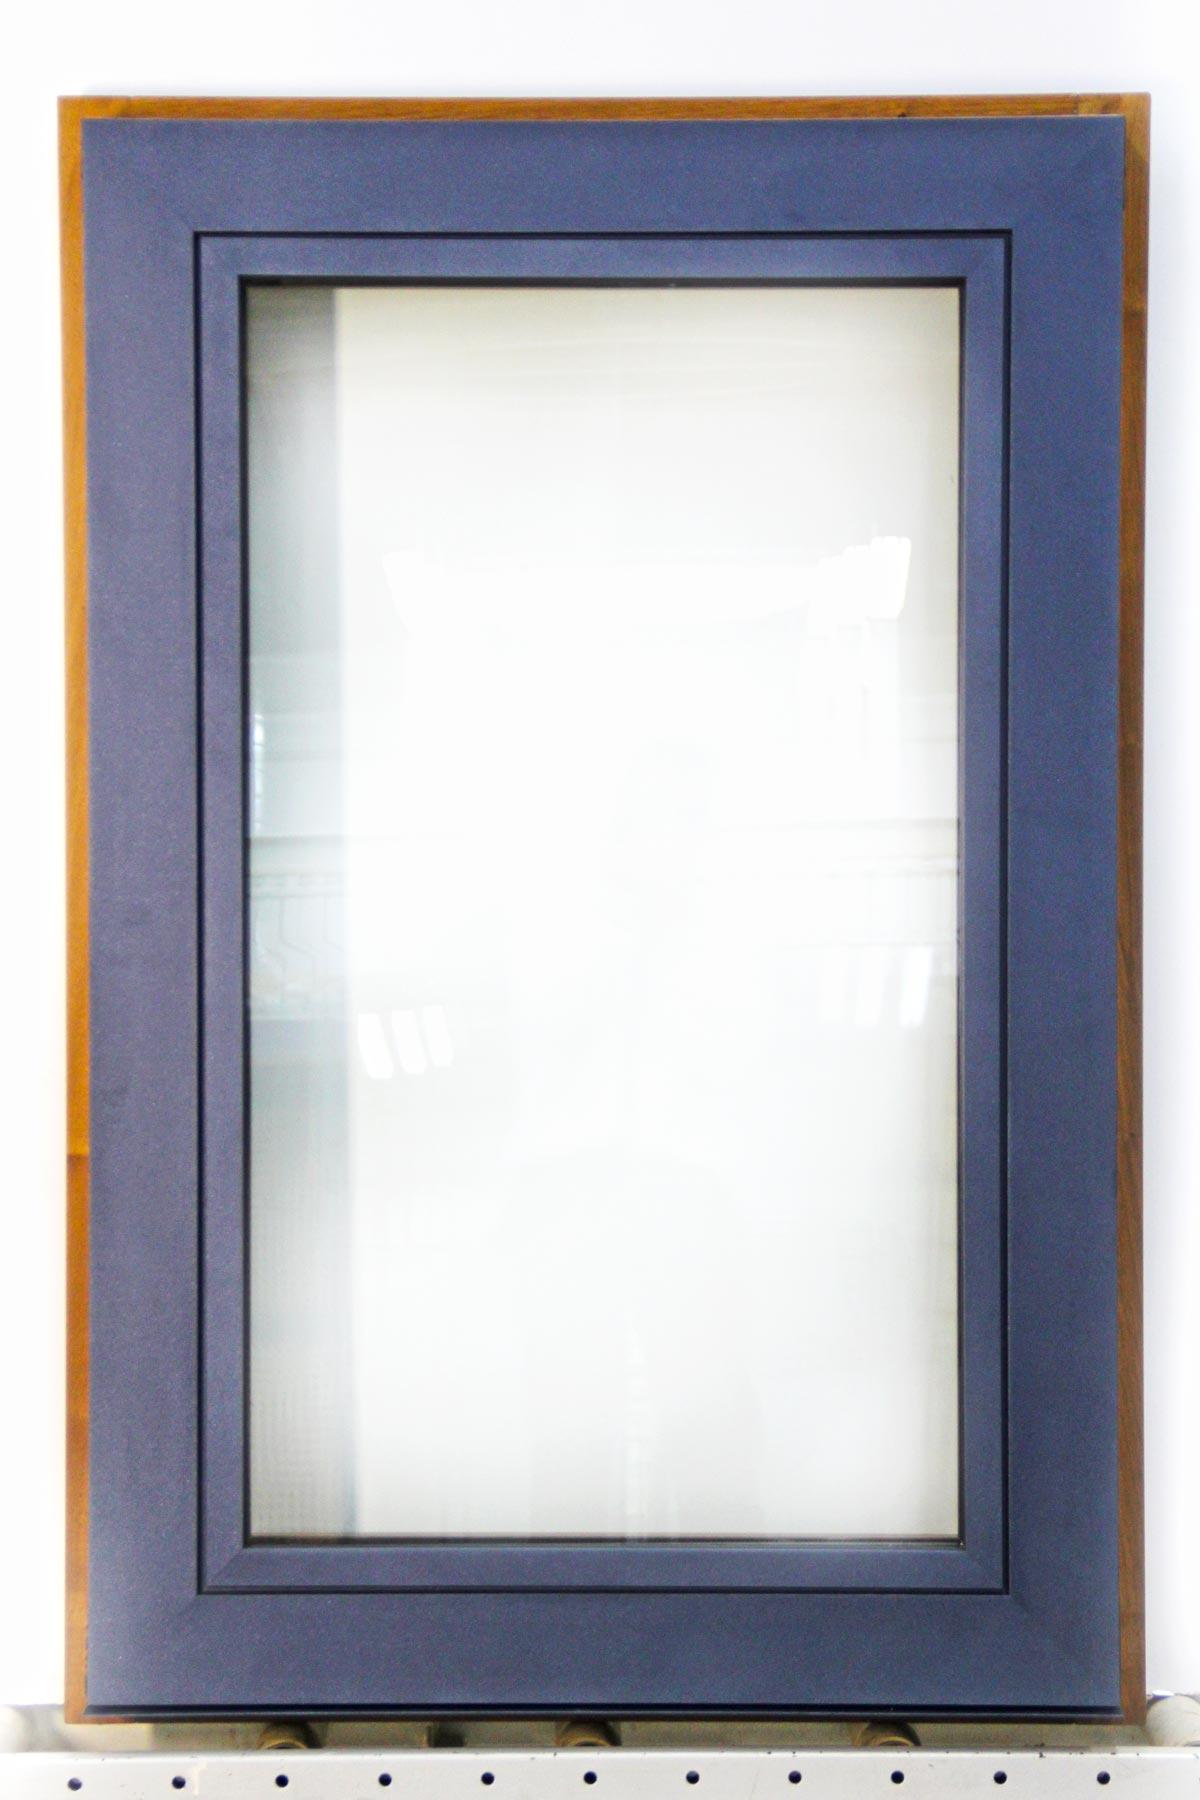 Carreté Finestres - finestra de fusta i alumini Flat